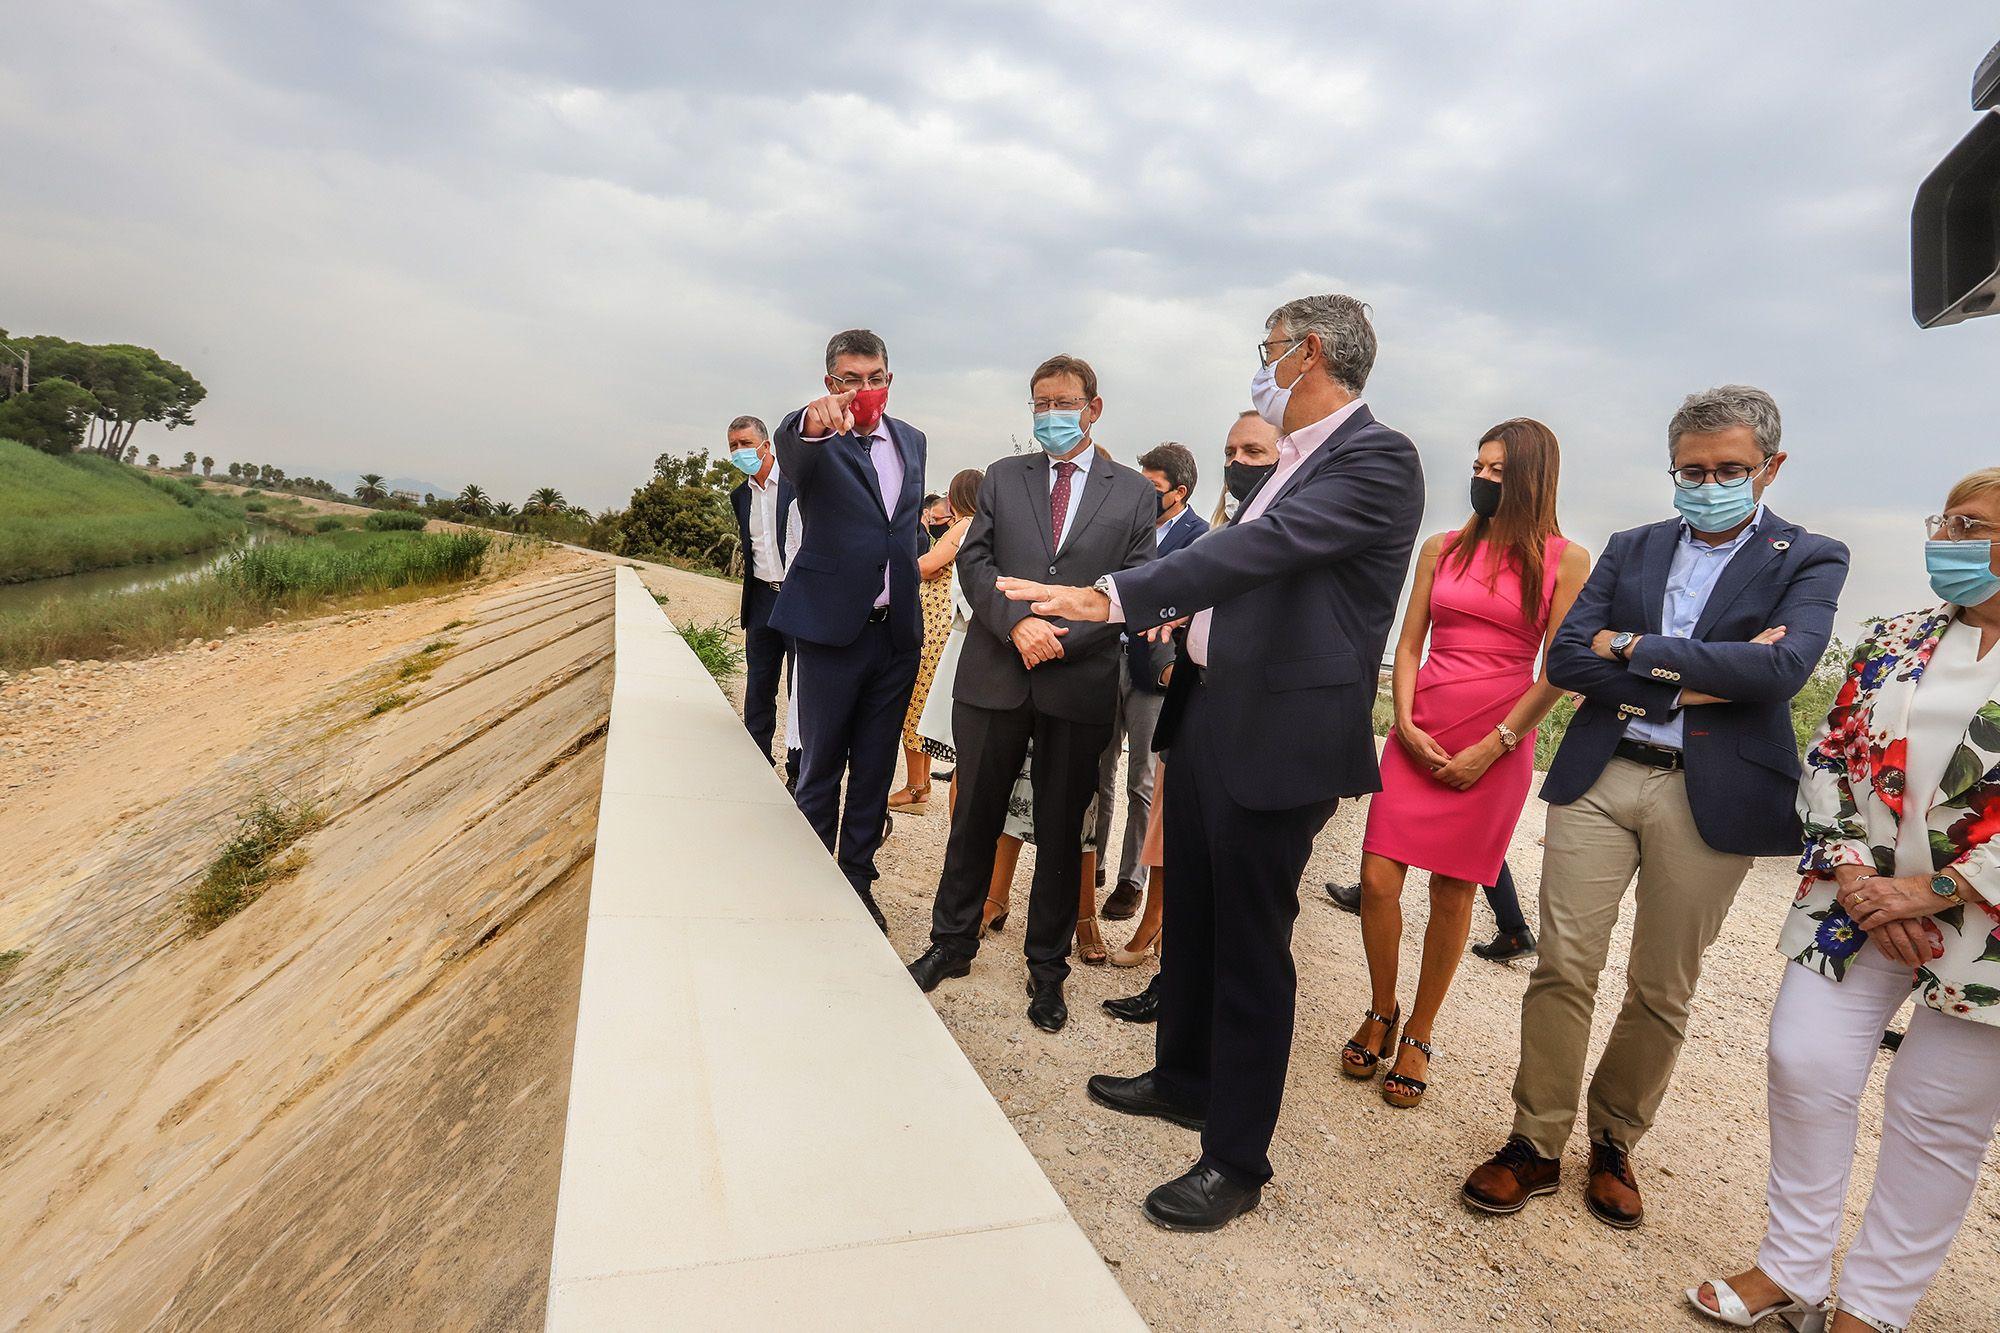 Desembarco de cargos autonómicos para presentar el Plan Vega Renhace en Almoradí